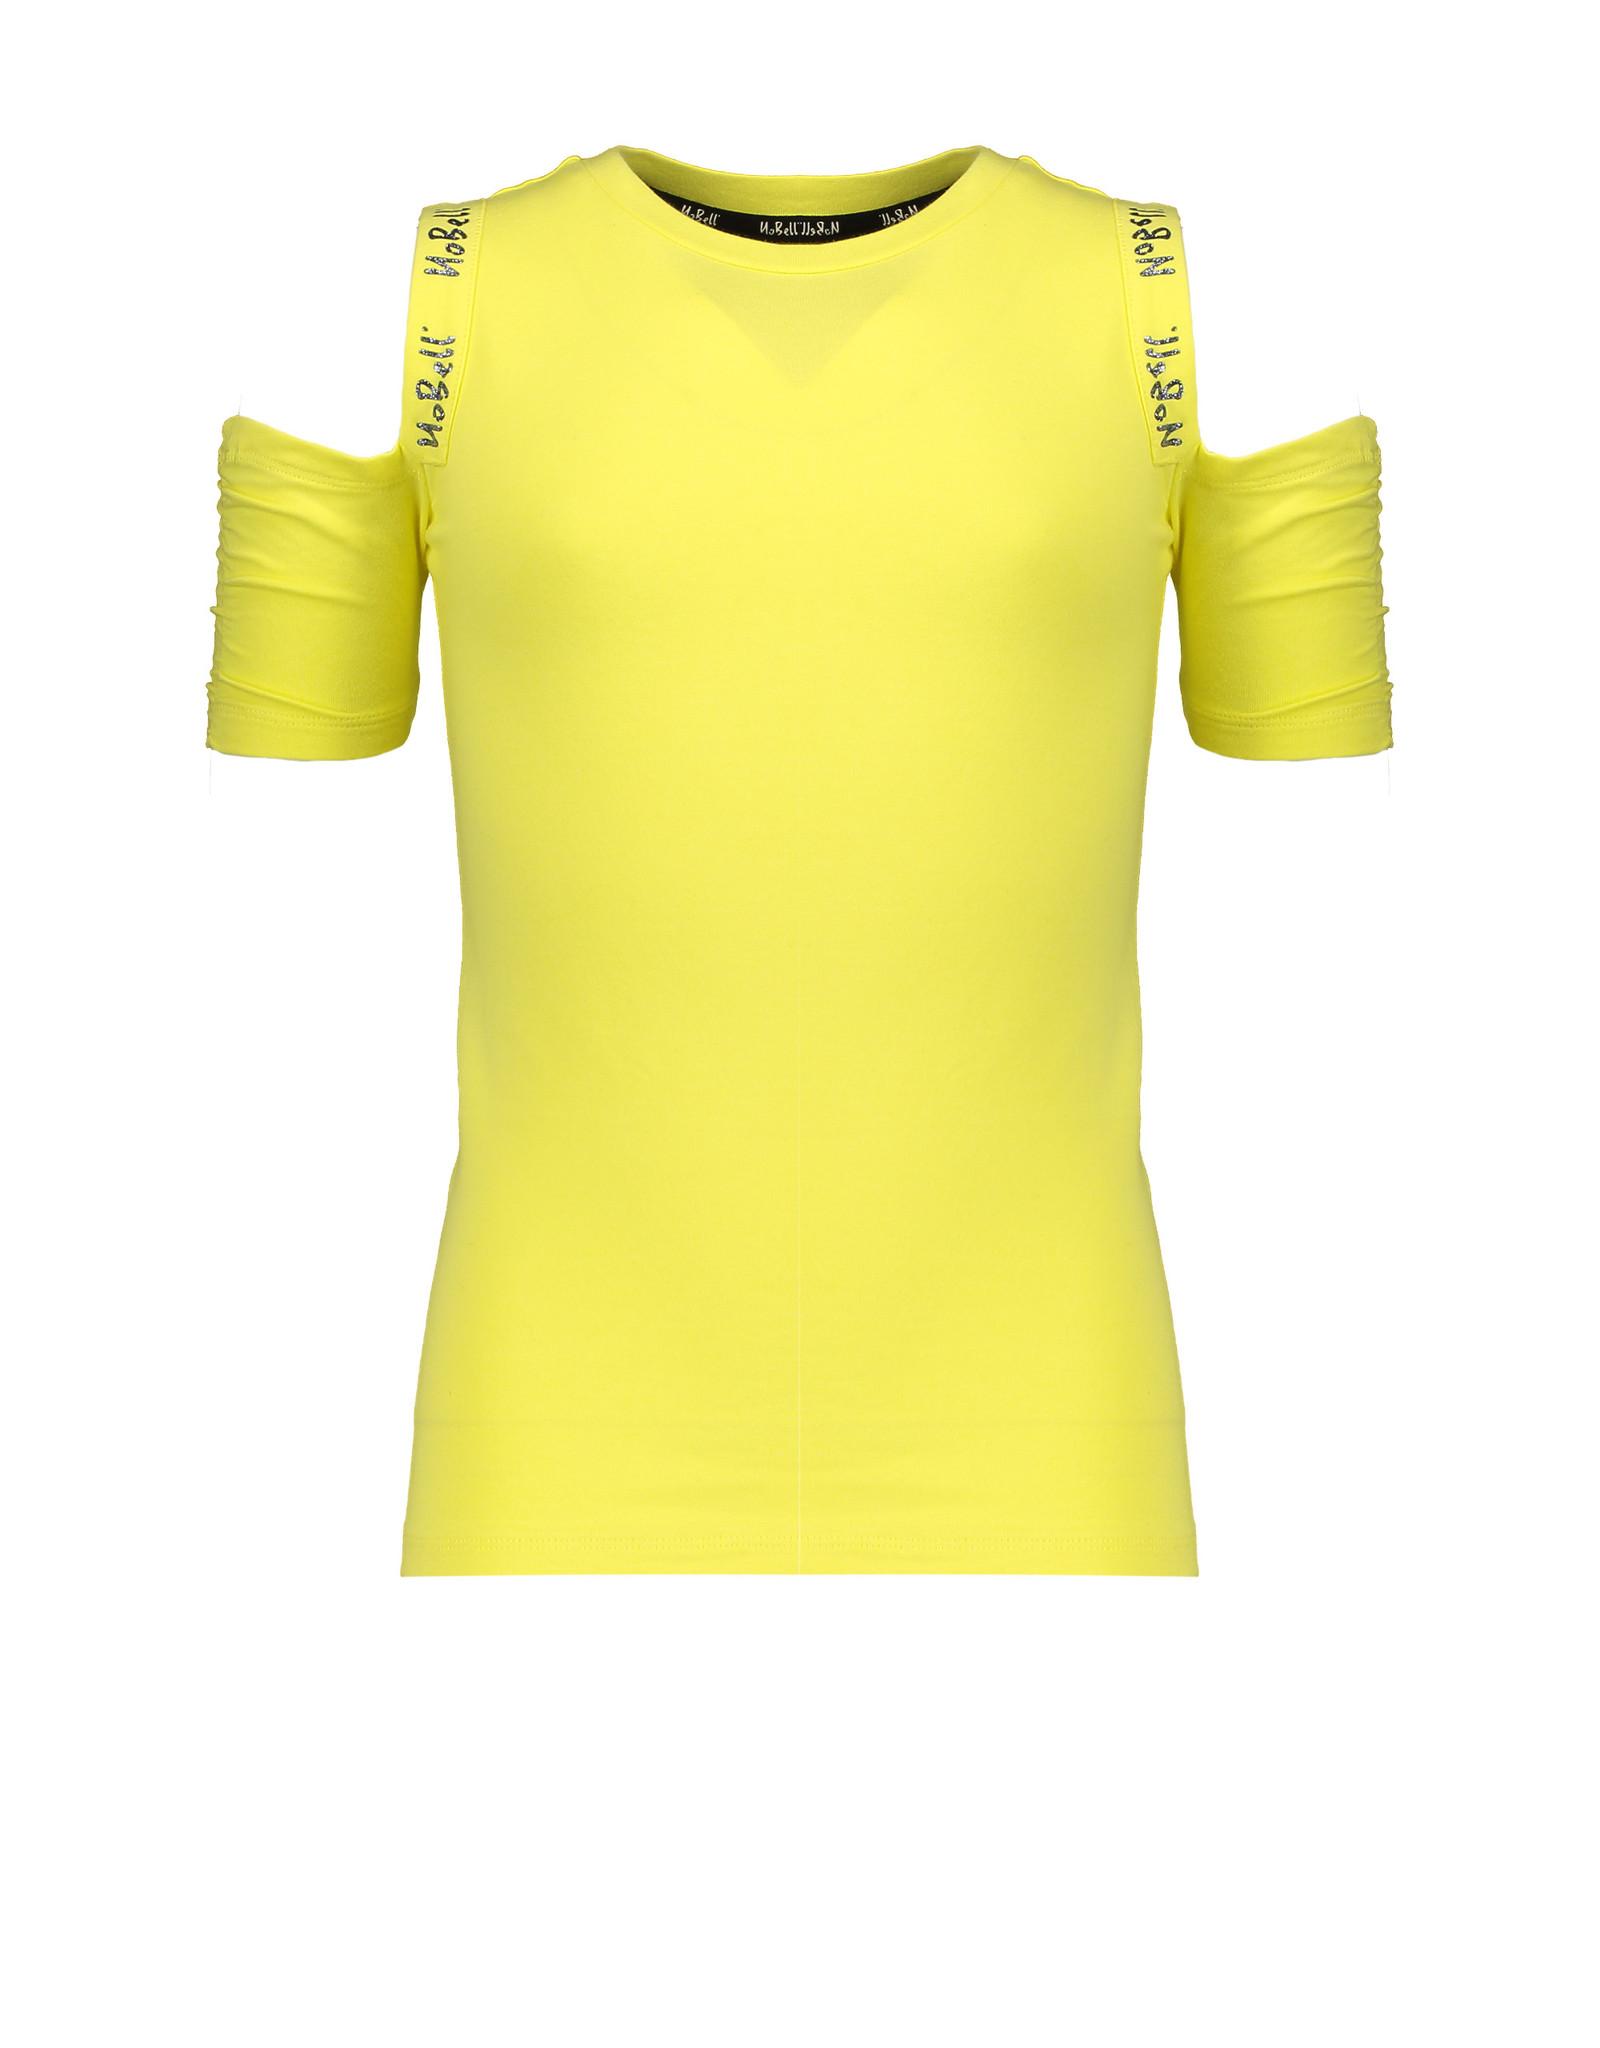 NoBell NoBell shirt 3403 light lemon